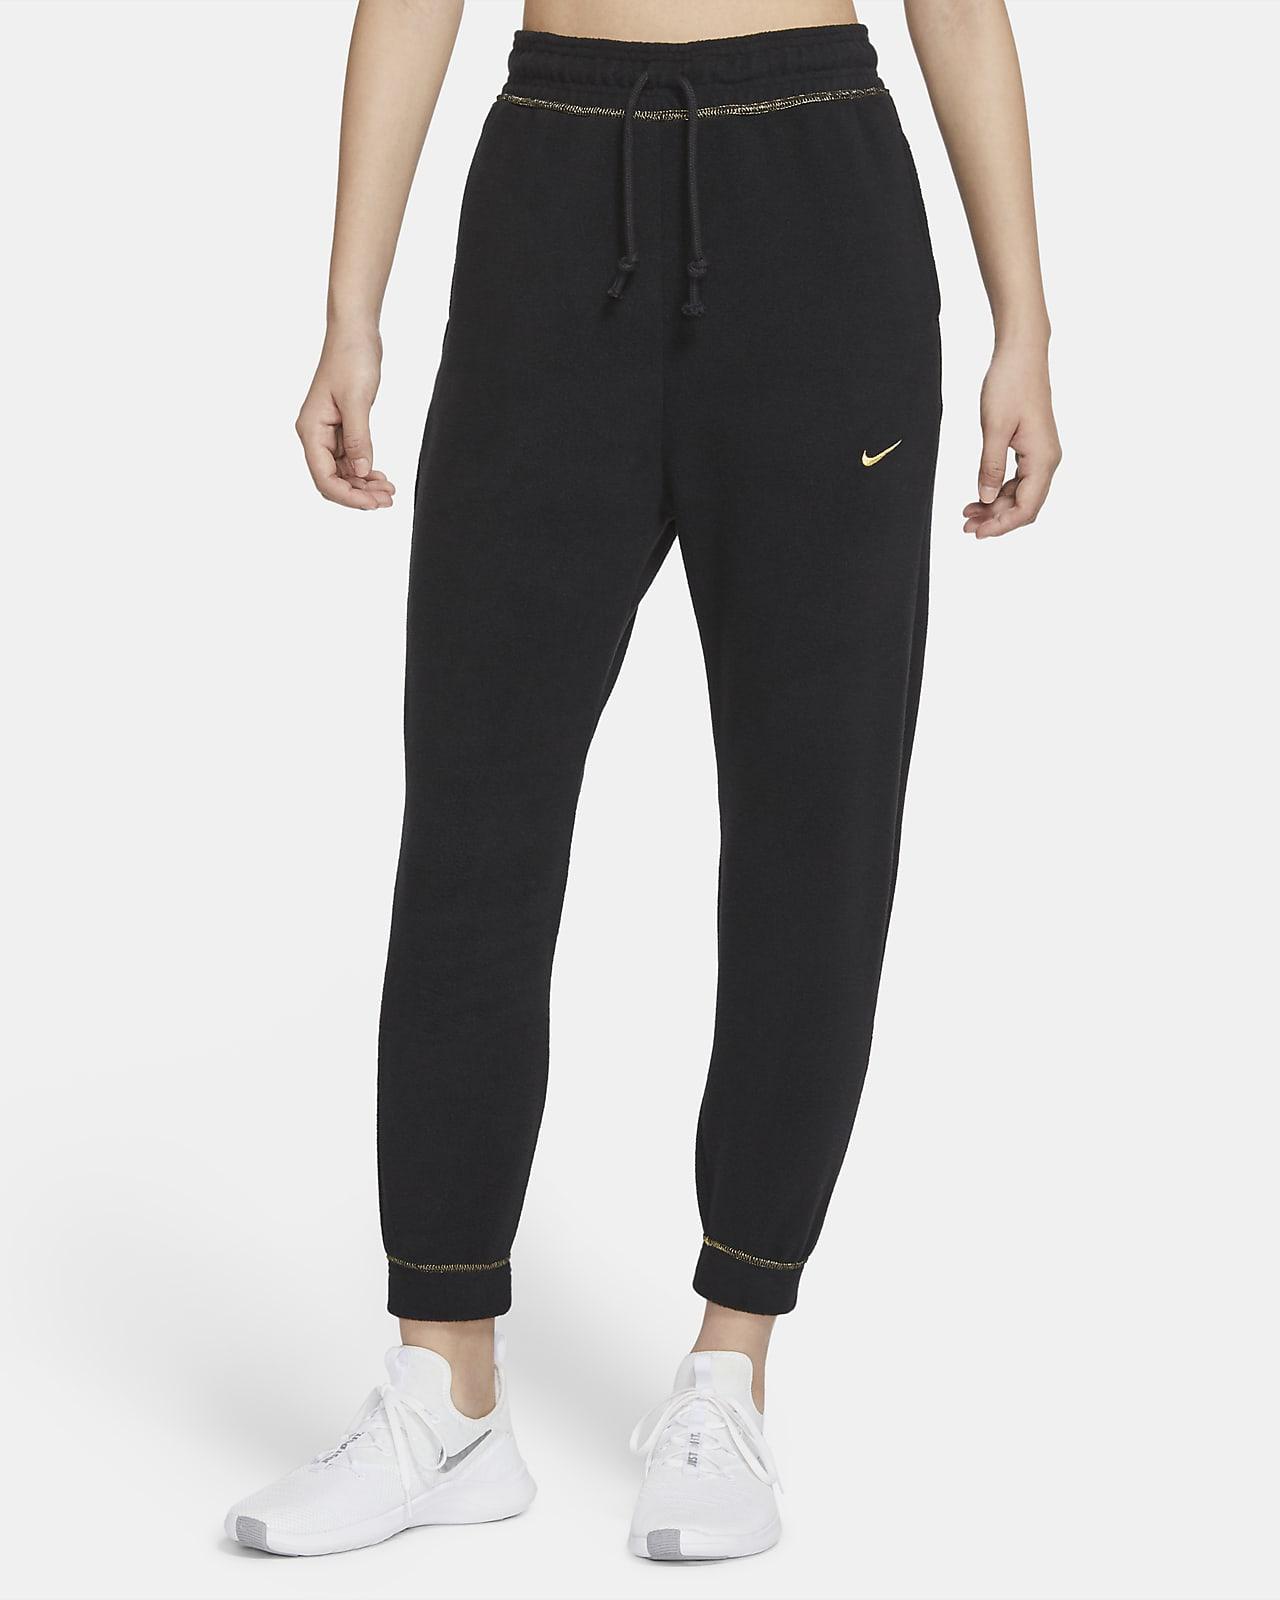 Nike Icon Clash 女子起绒训练长裤